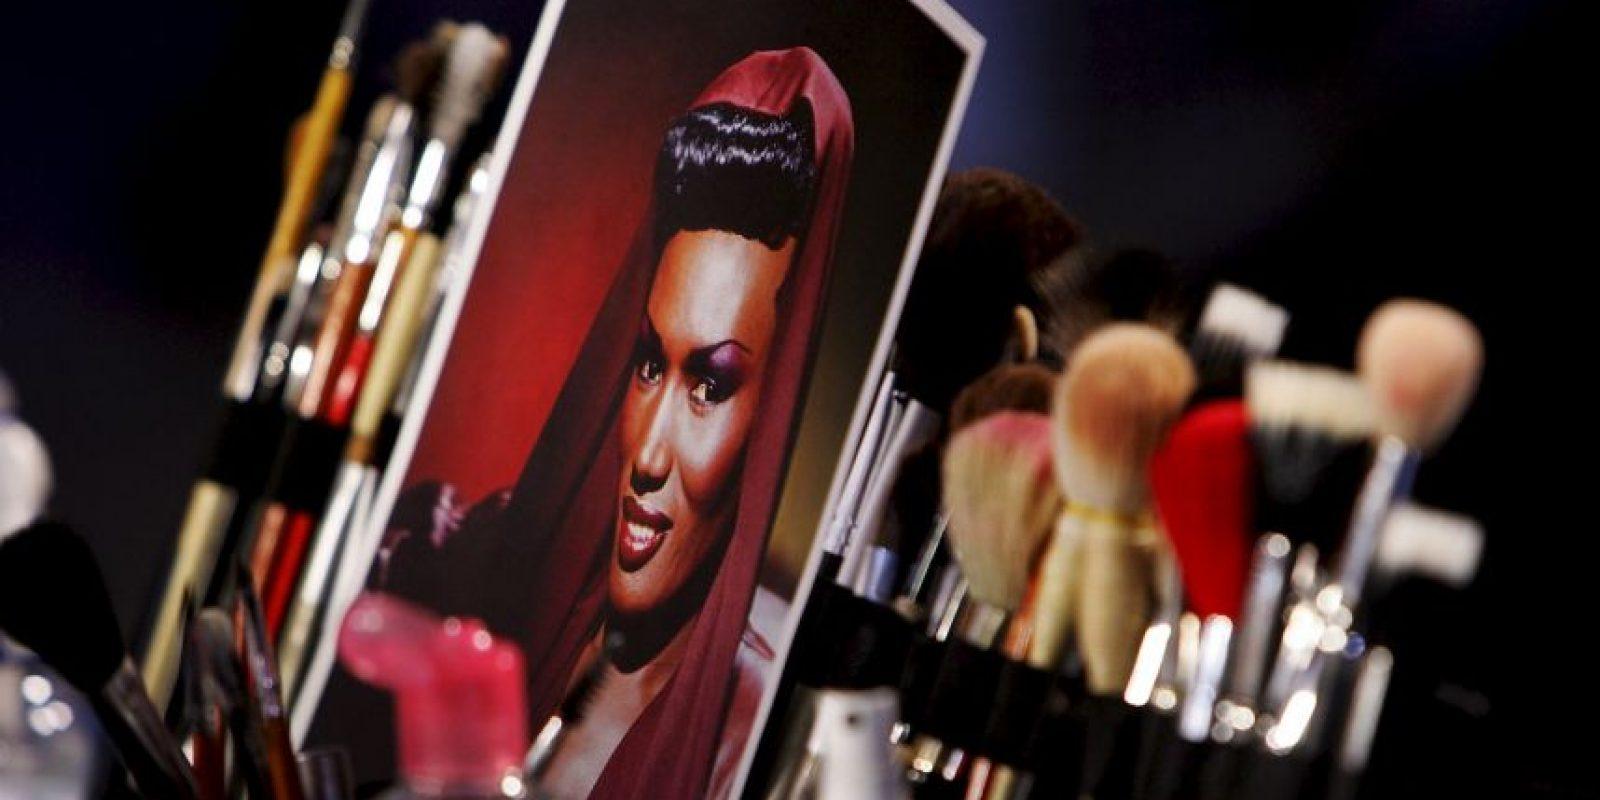 Esta modelo jamaiquina también se ha caracterizado por su particular aspecto. Foto:Getty Images